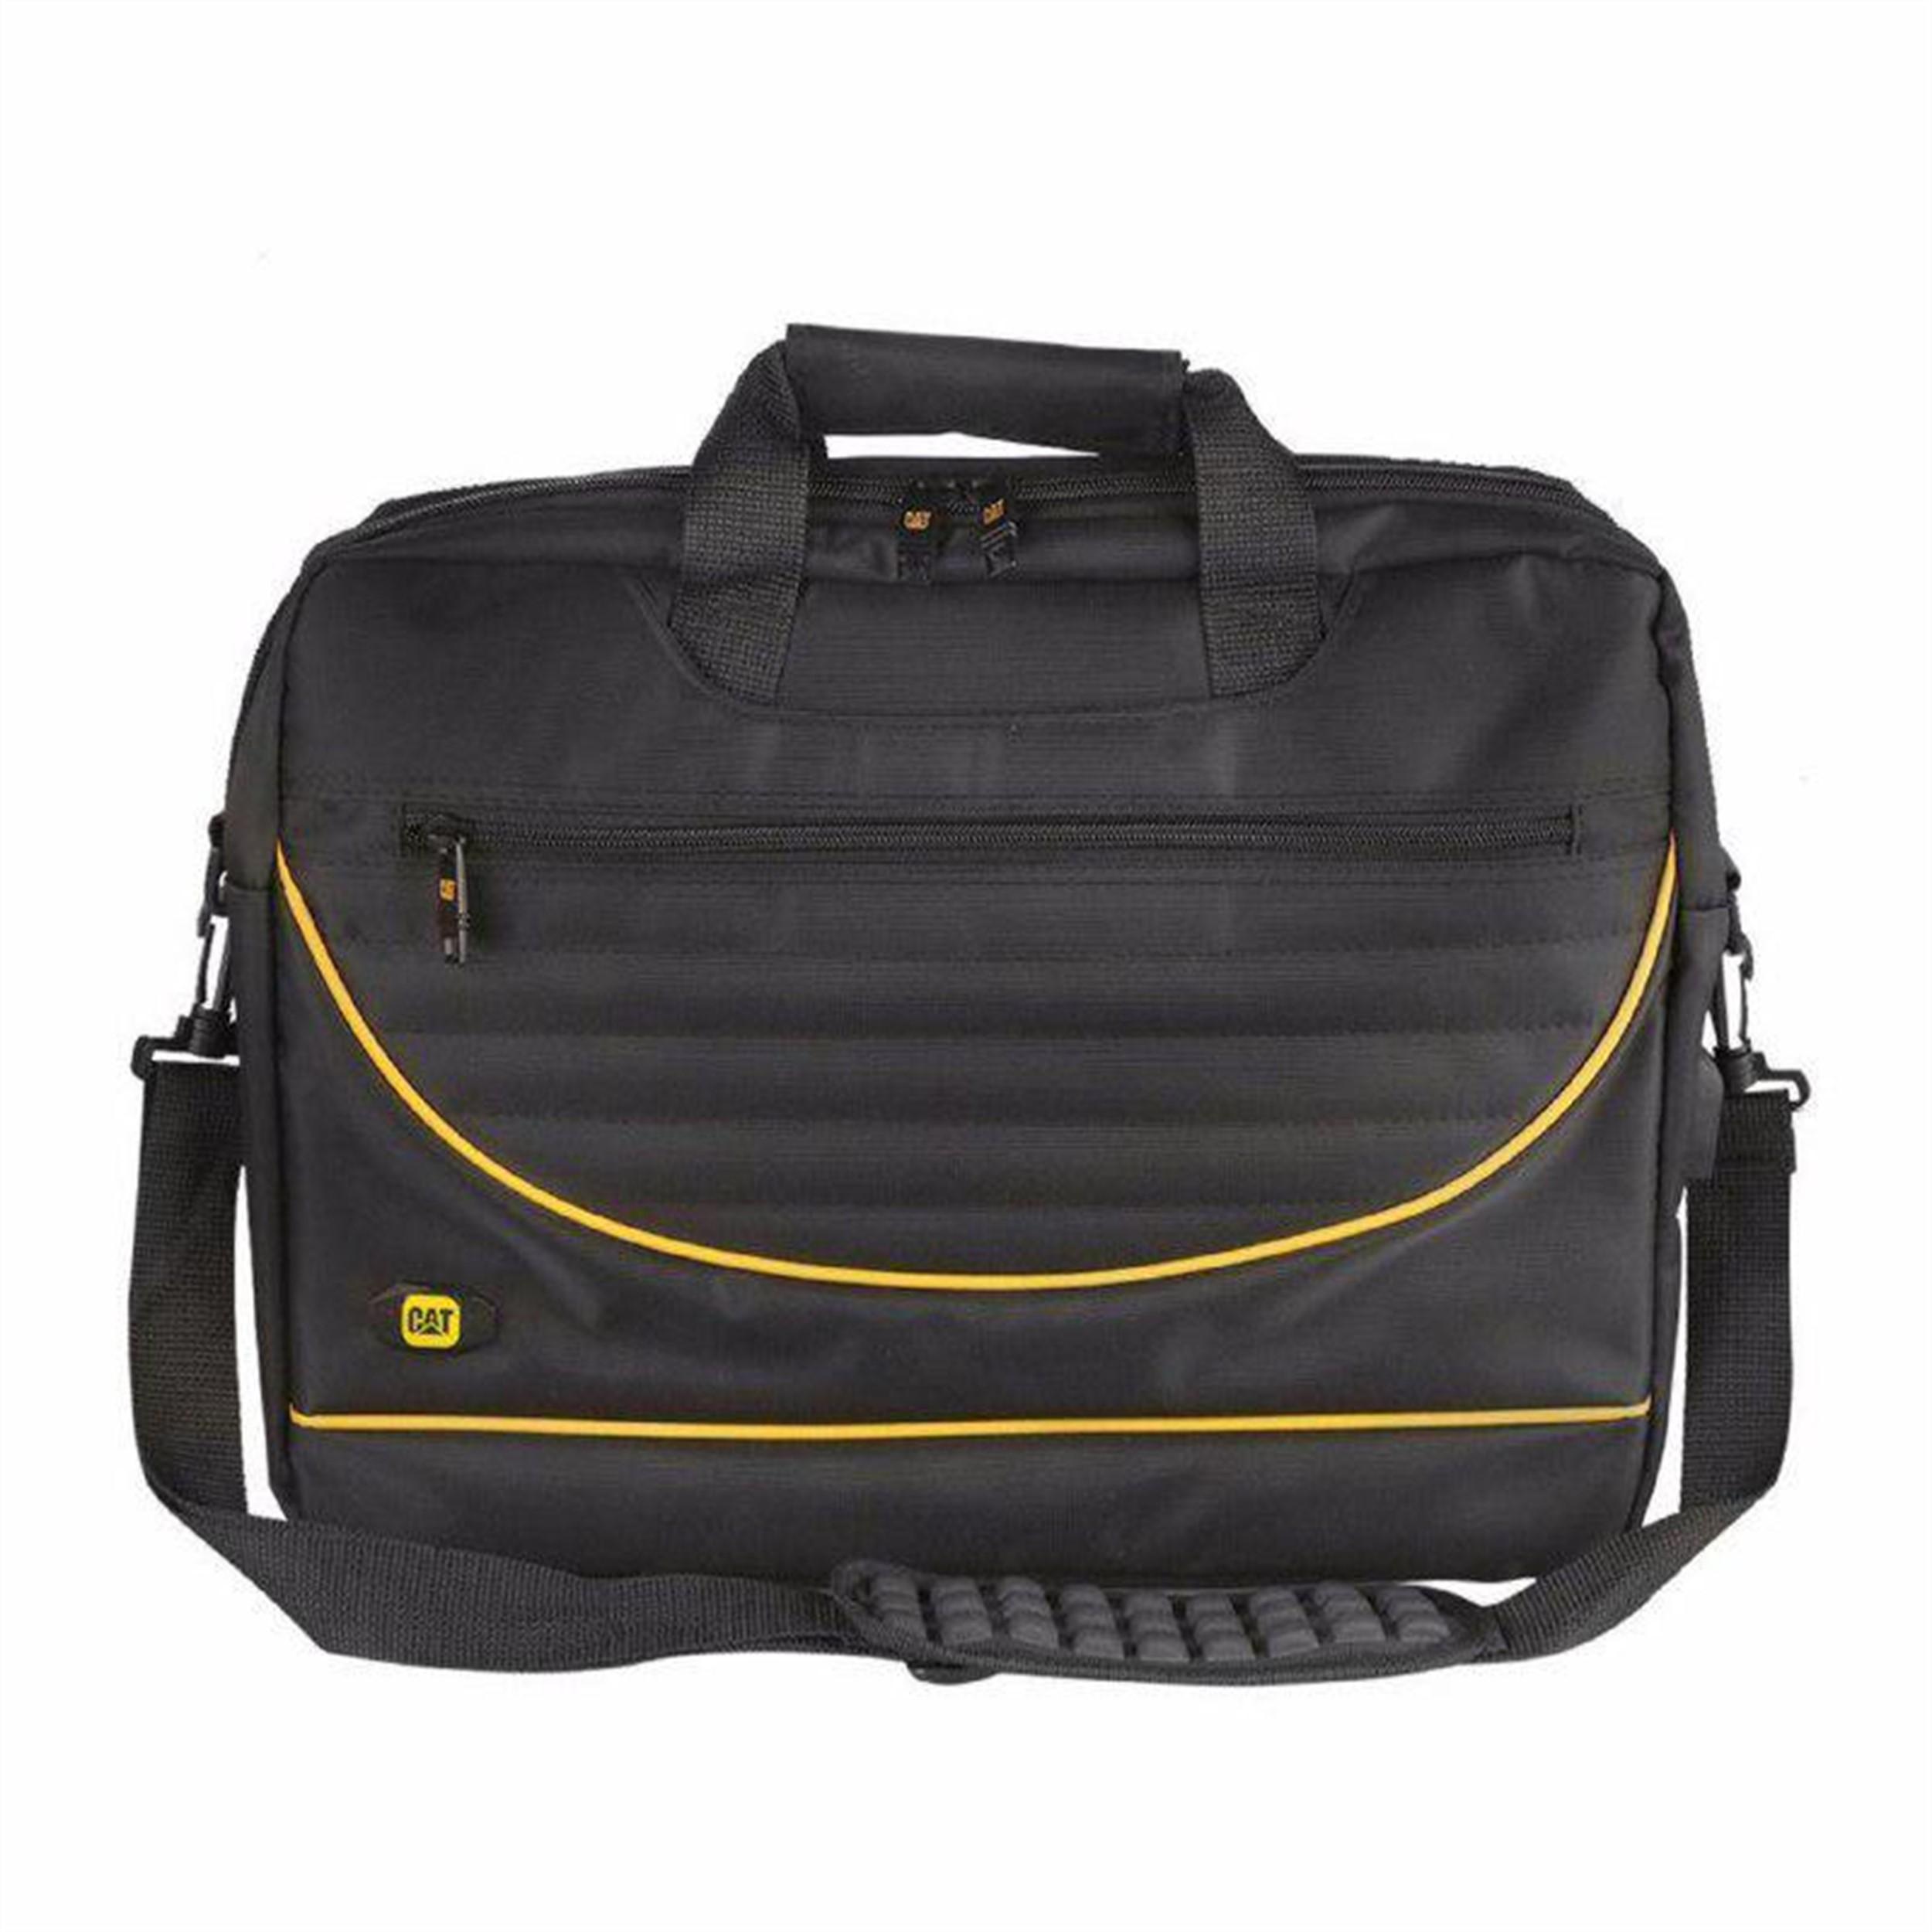 کیف لپ تاپ  مدل  ct 8715 مناسب برای لپ تاپ 15.6 اینچی